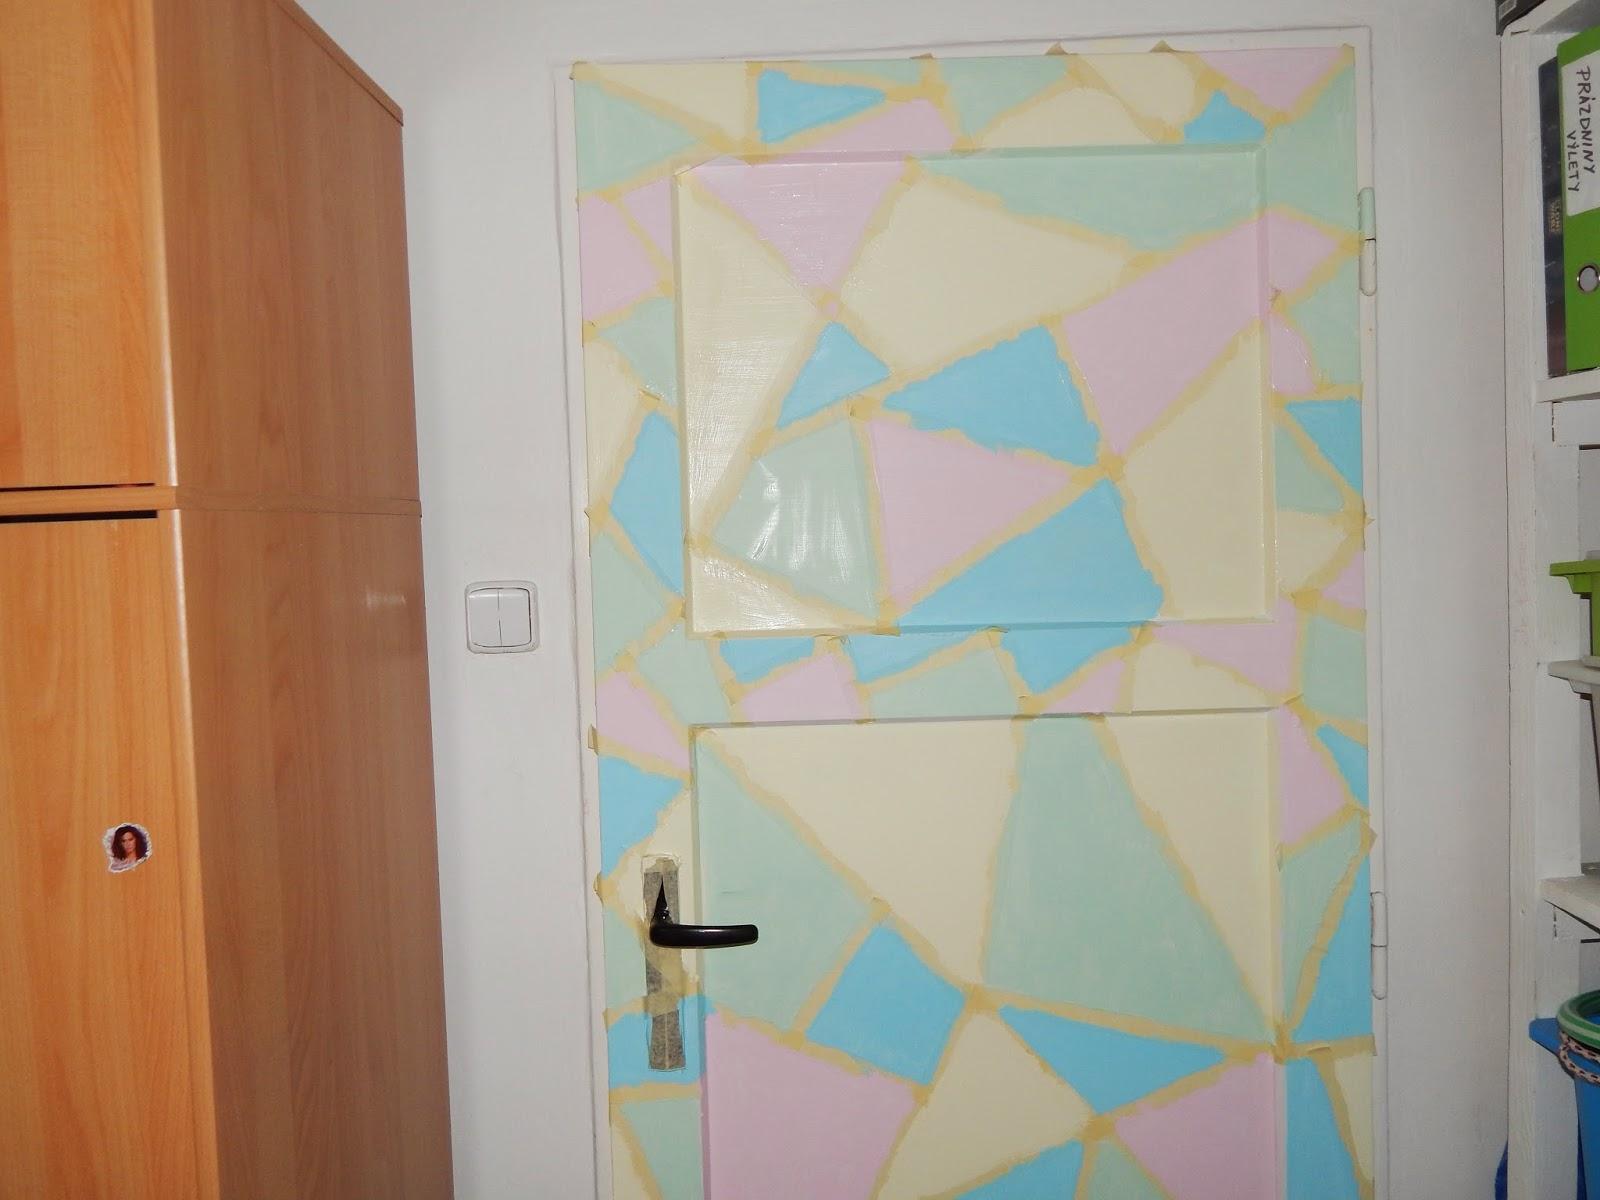 Předělávka starých dveří